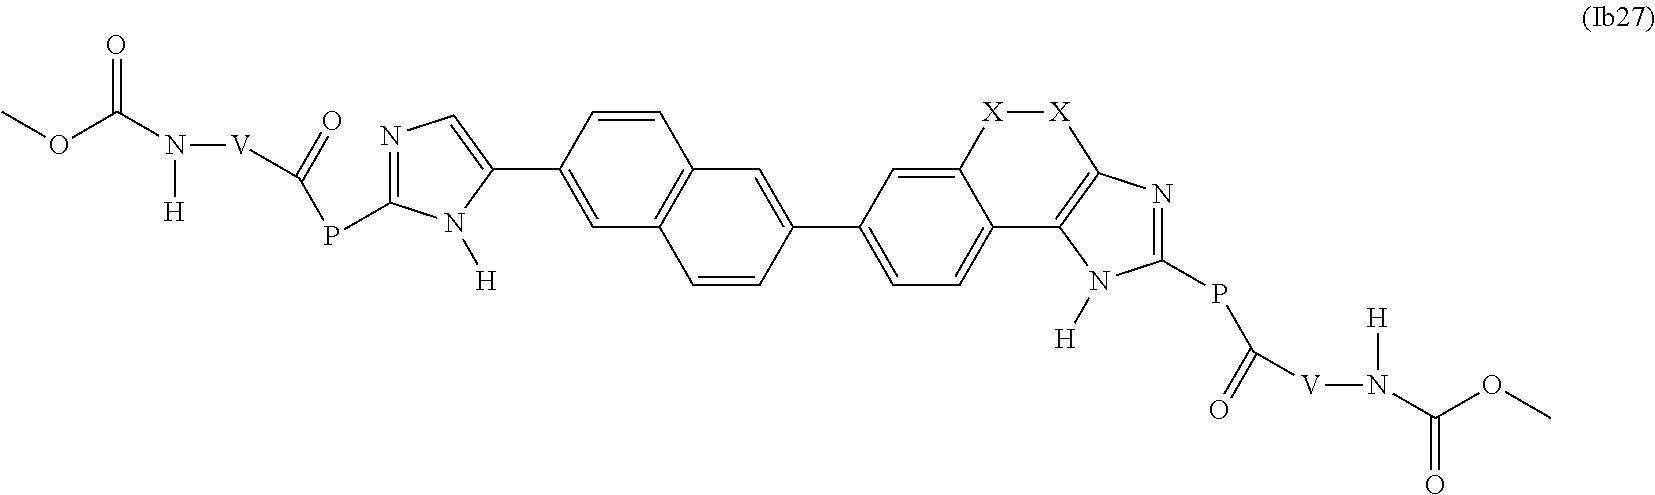 Figure US08273341-20120925-C00375